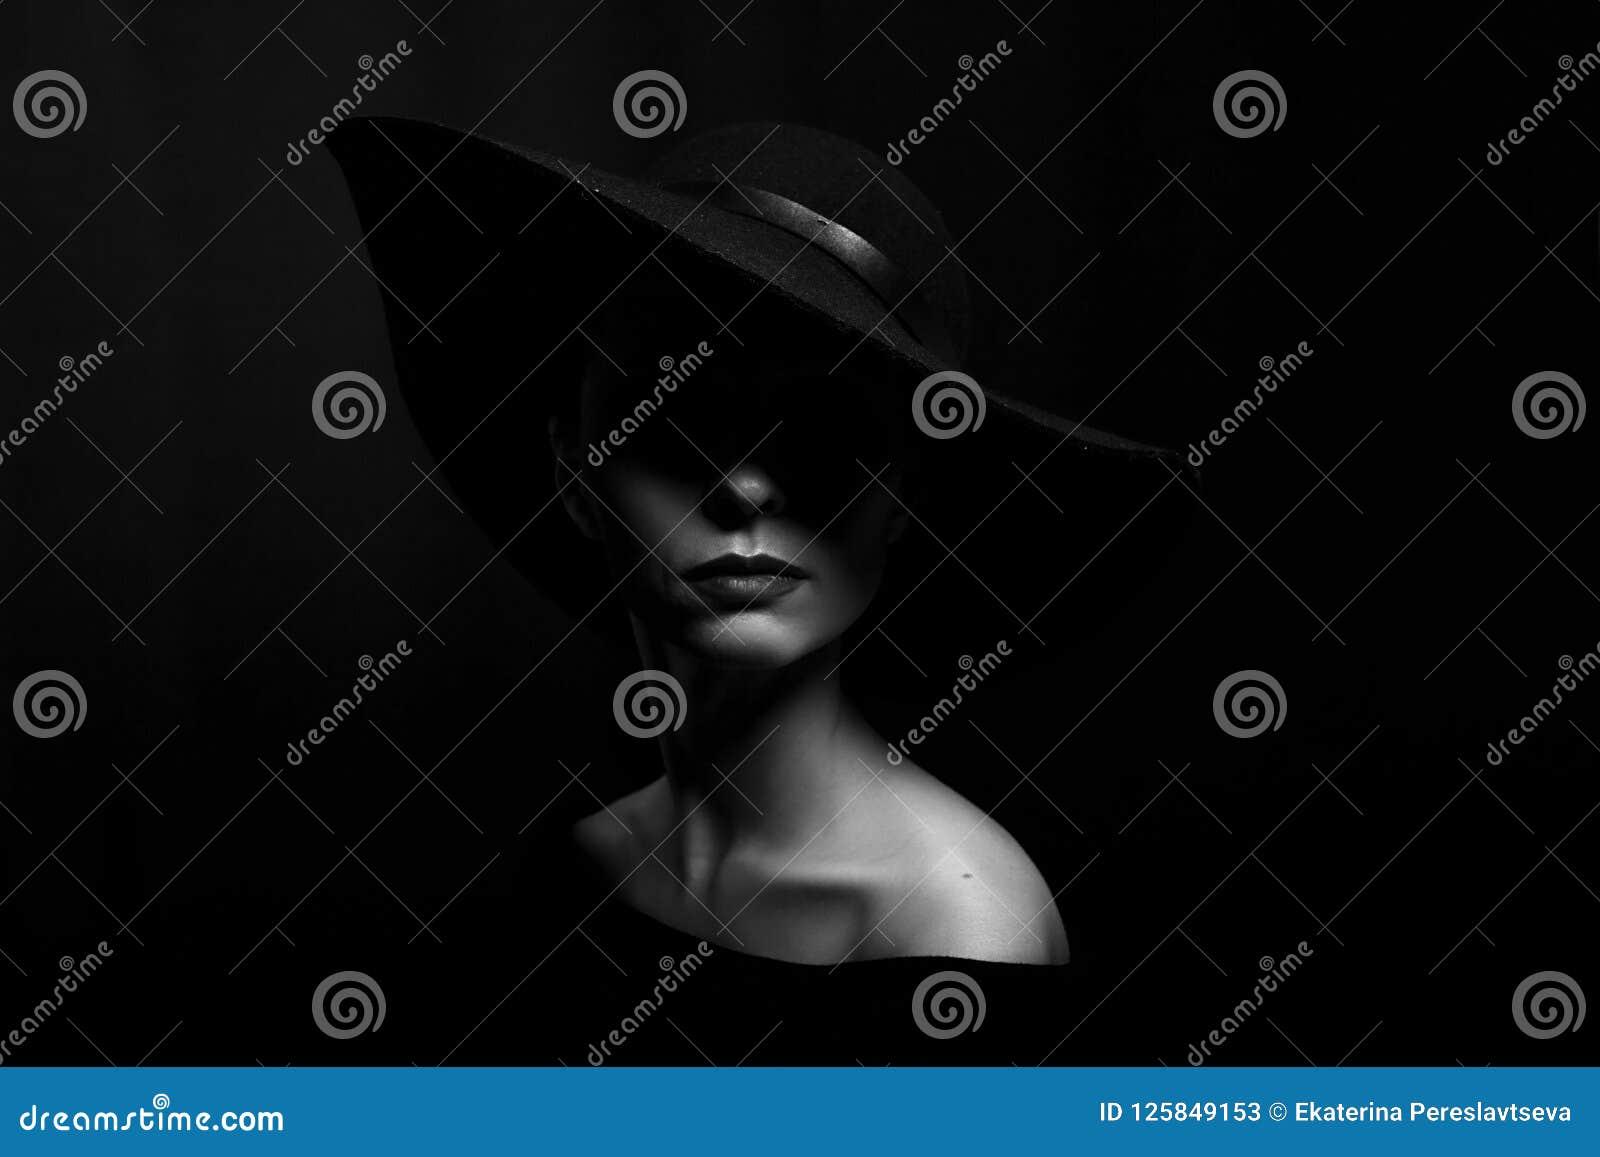 Portret van een vrouw in een zwarte hoed op een zwarte zwart-witte foto als achtergrond